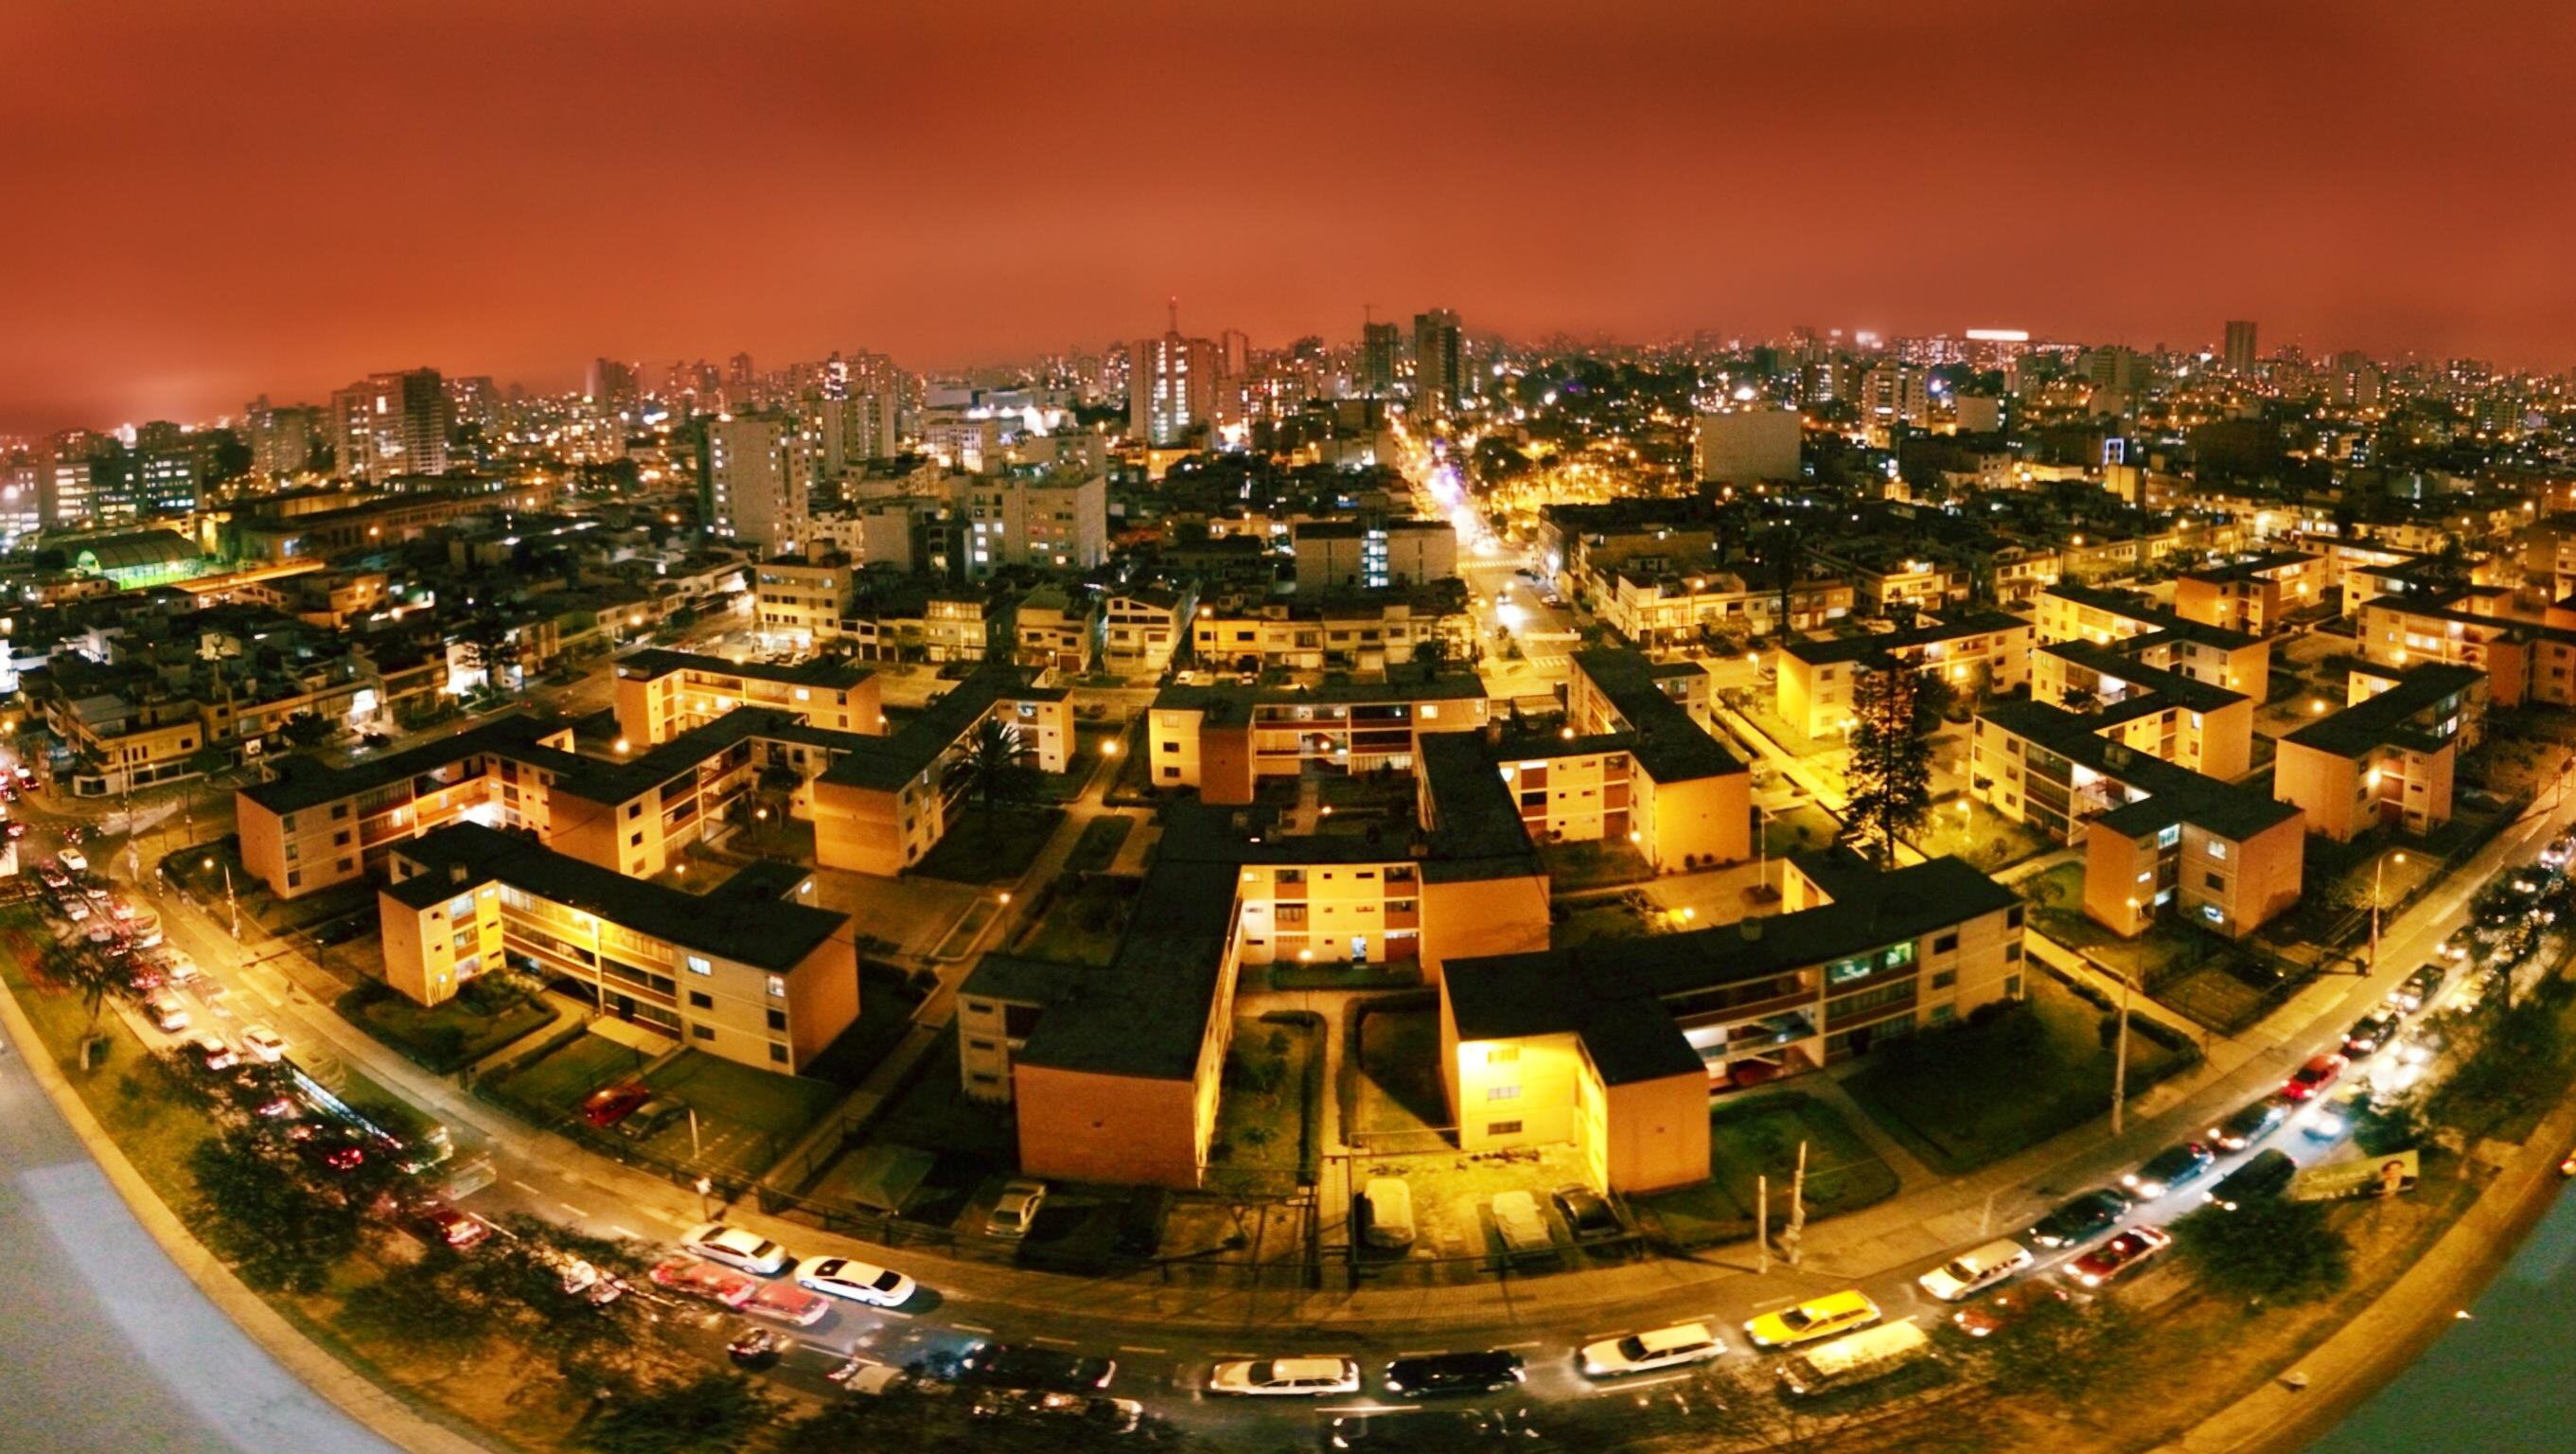 Lince - Lima - 2722x1536